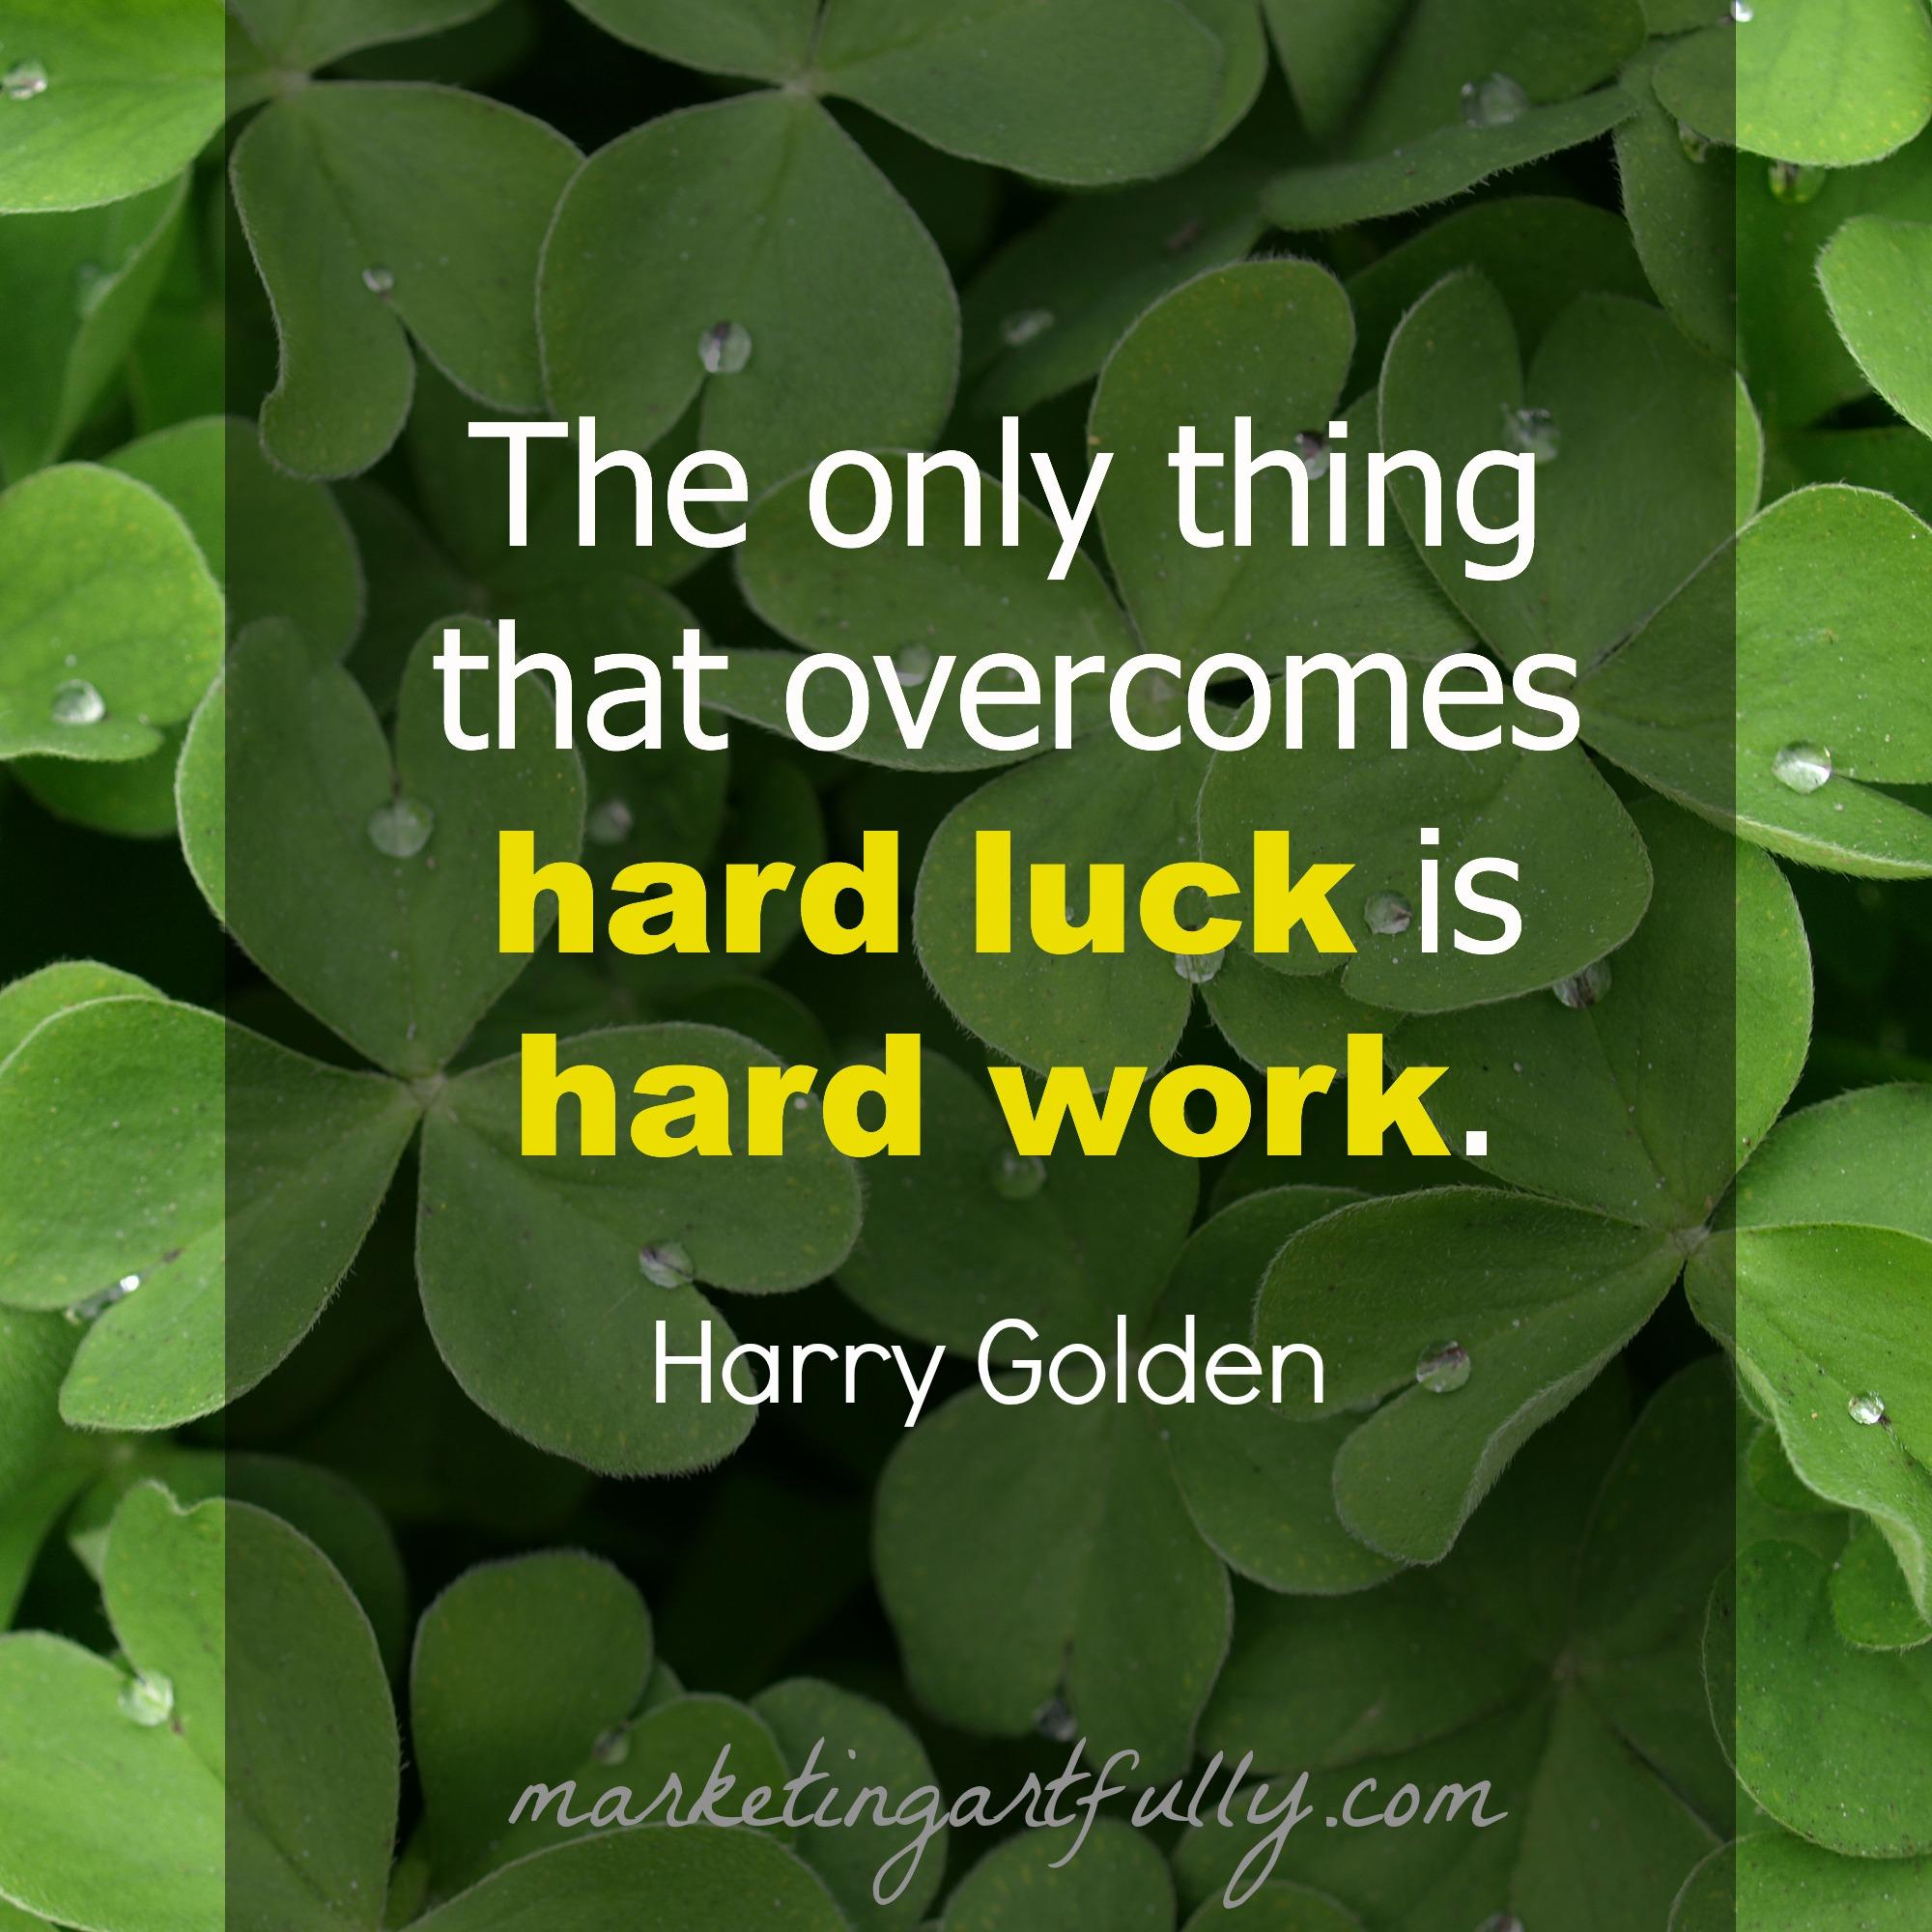 Harry Golden's quote #2